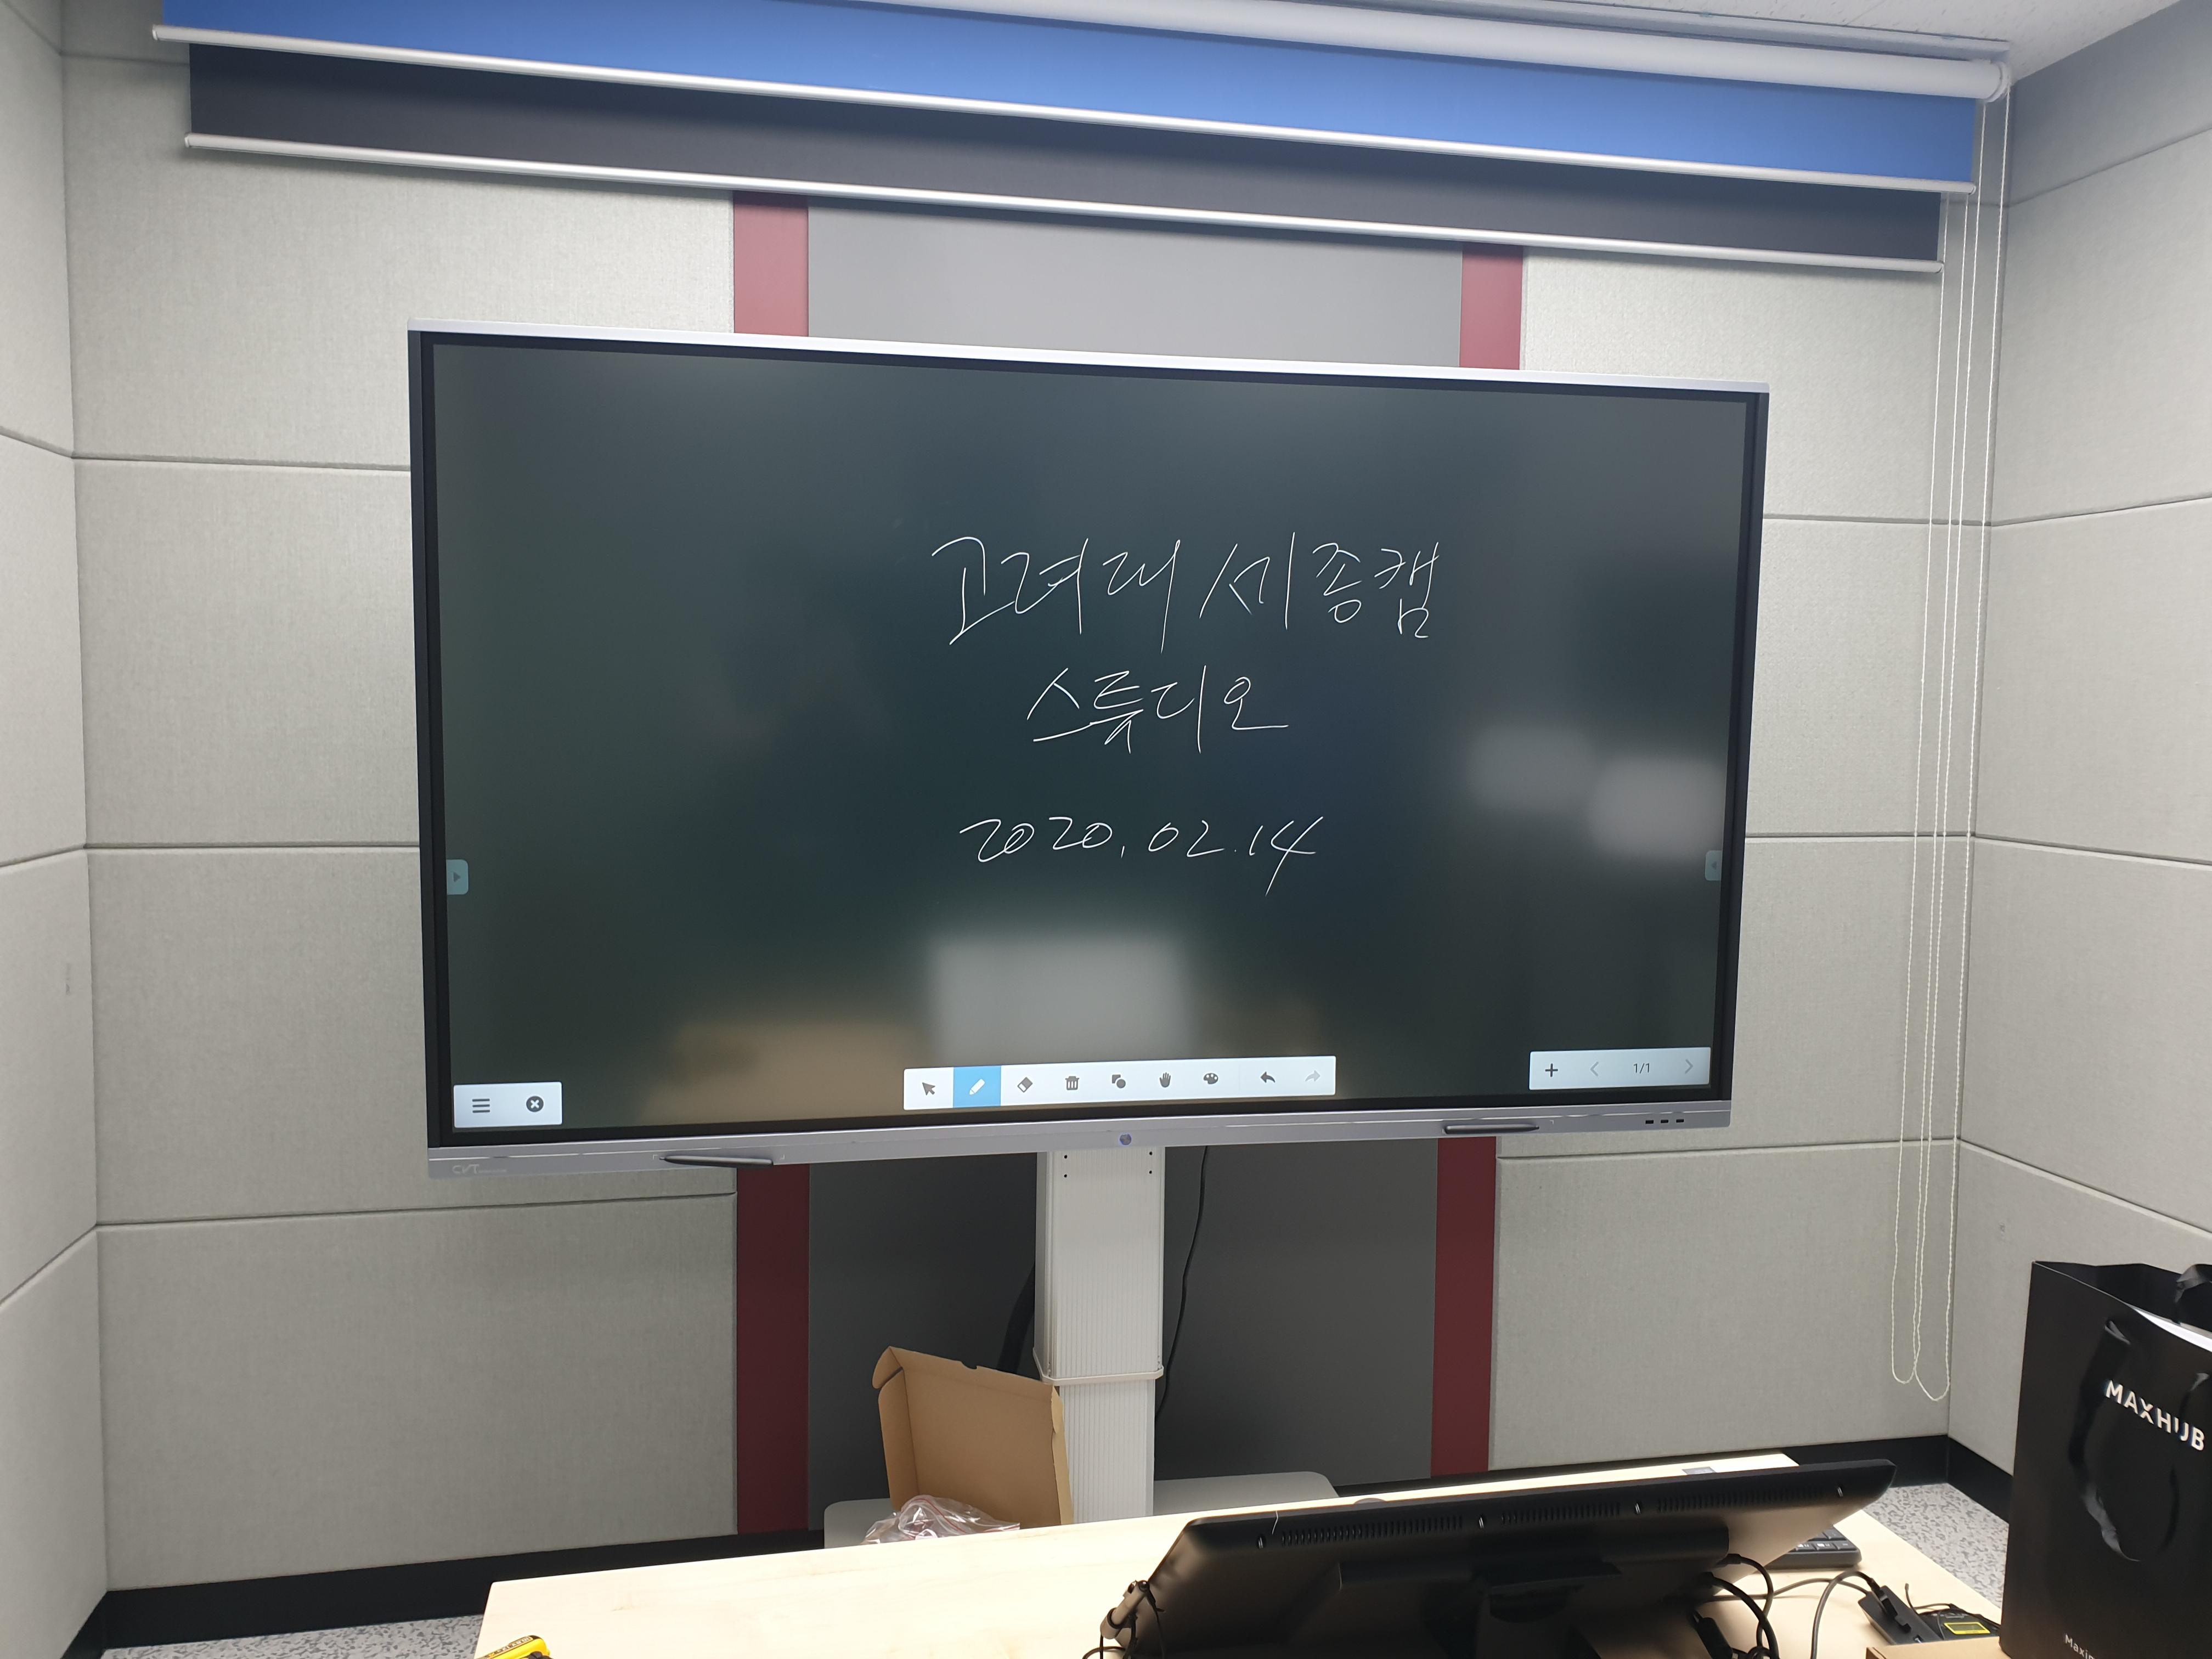 200214 고려대학교 세종캠퍼스 L75EB 1